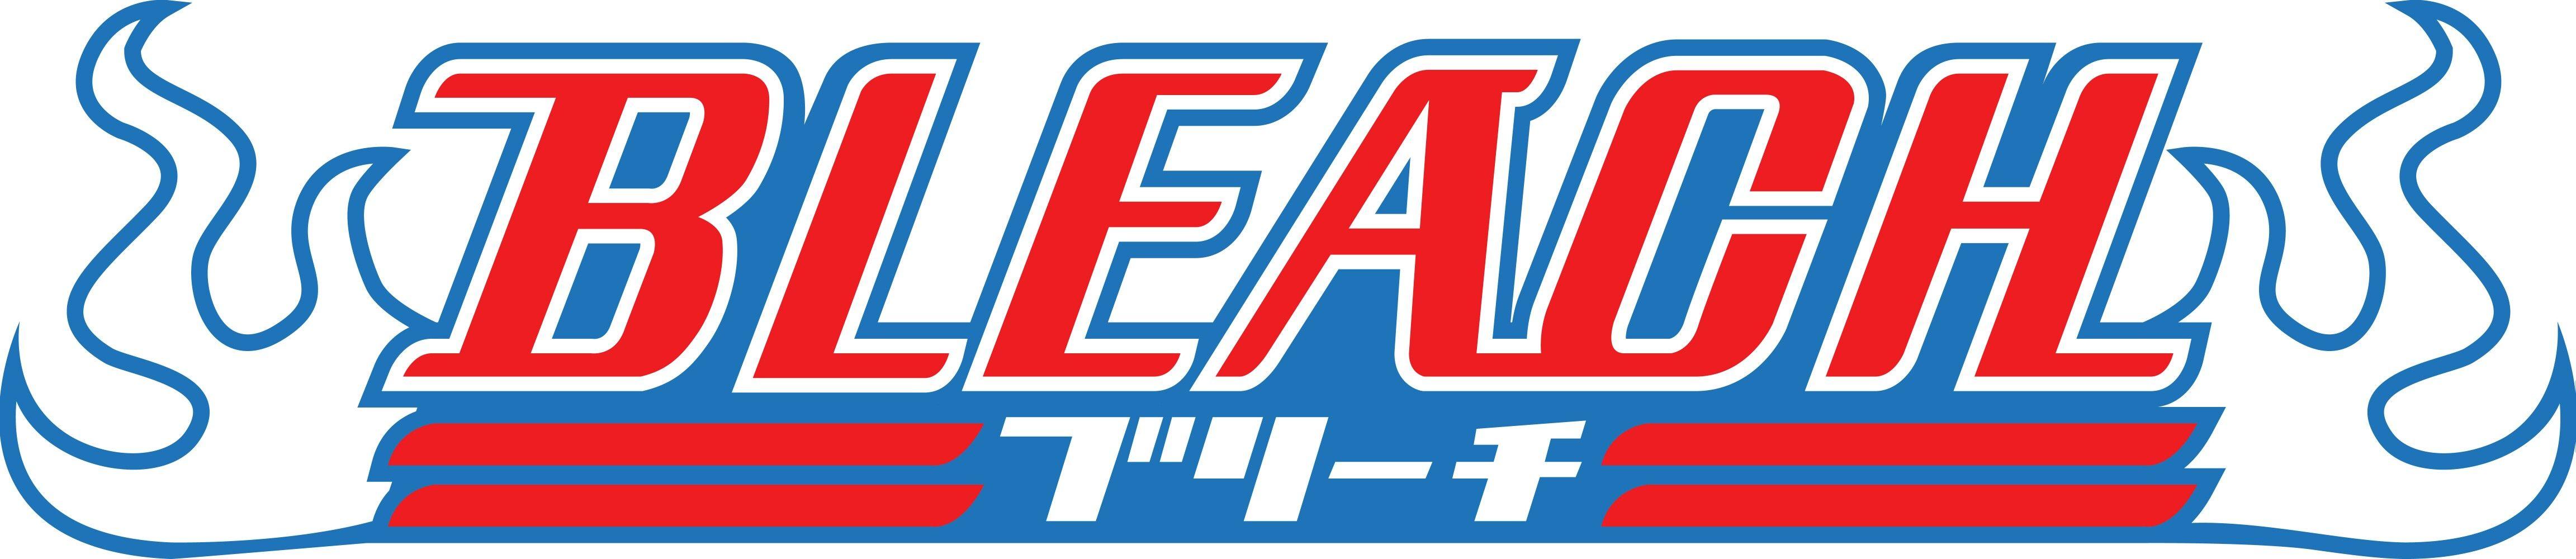 Pin By Myra Guzman On Bleach Bleach Logo Bleach Anime Logos